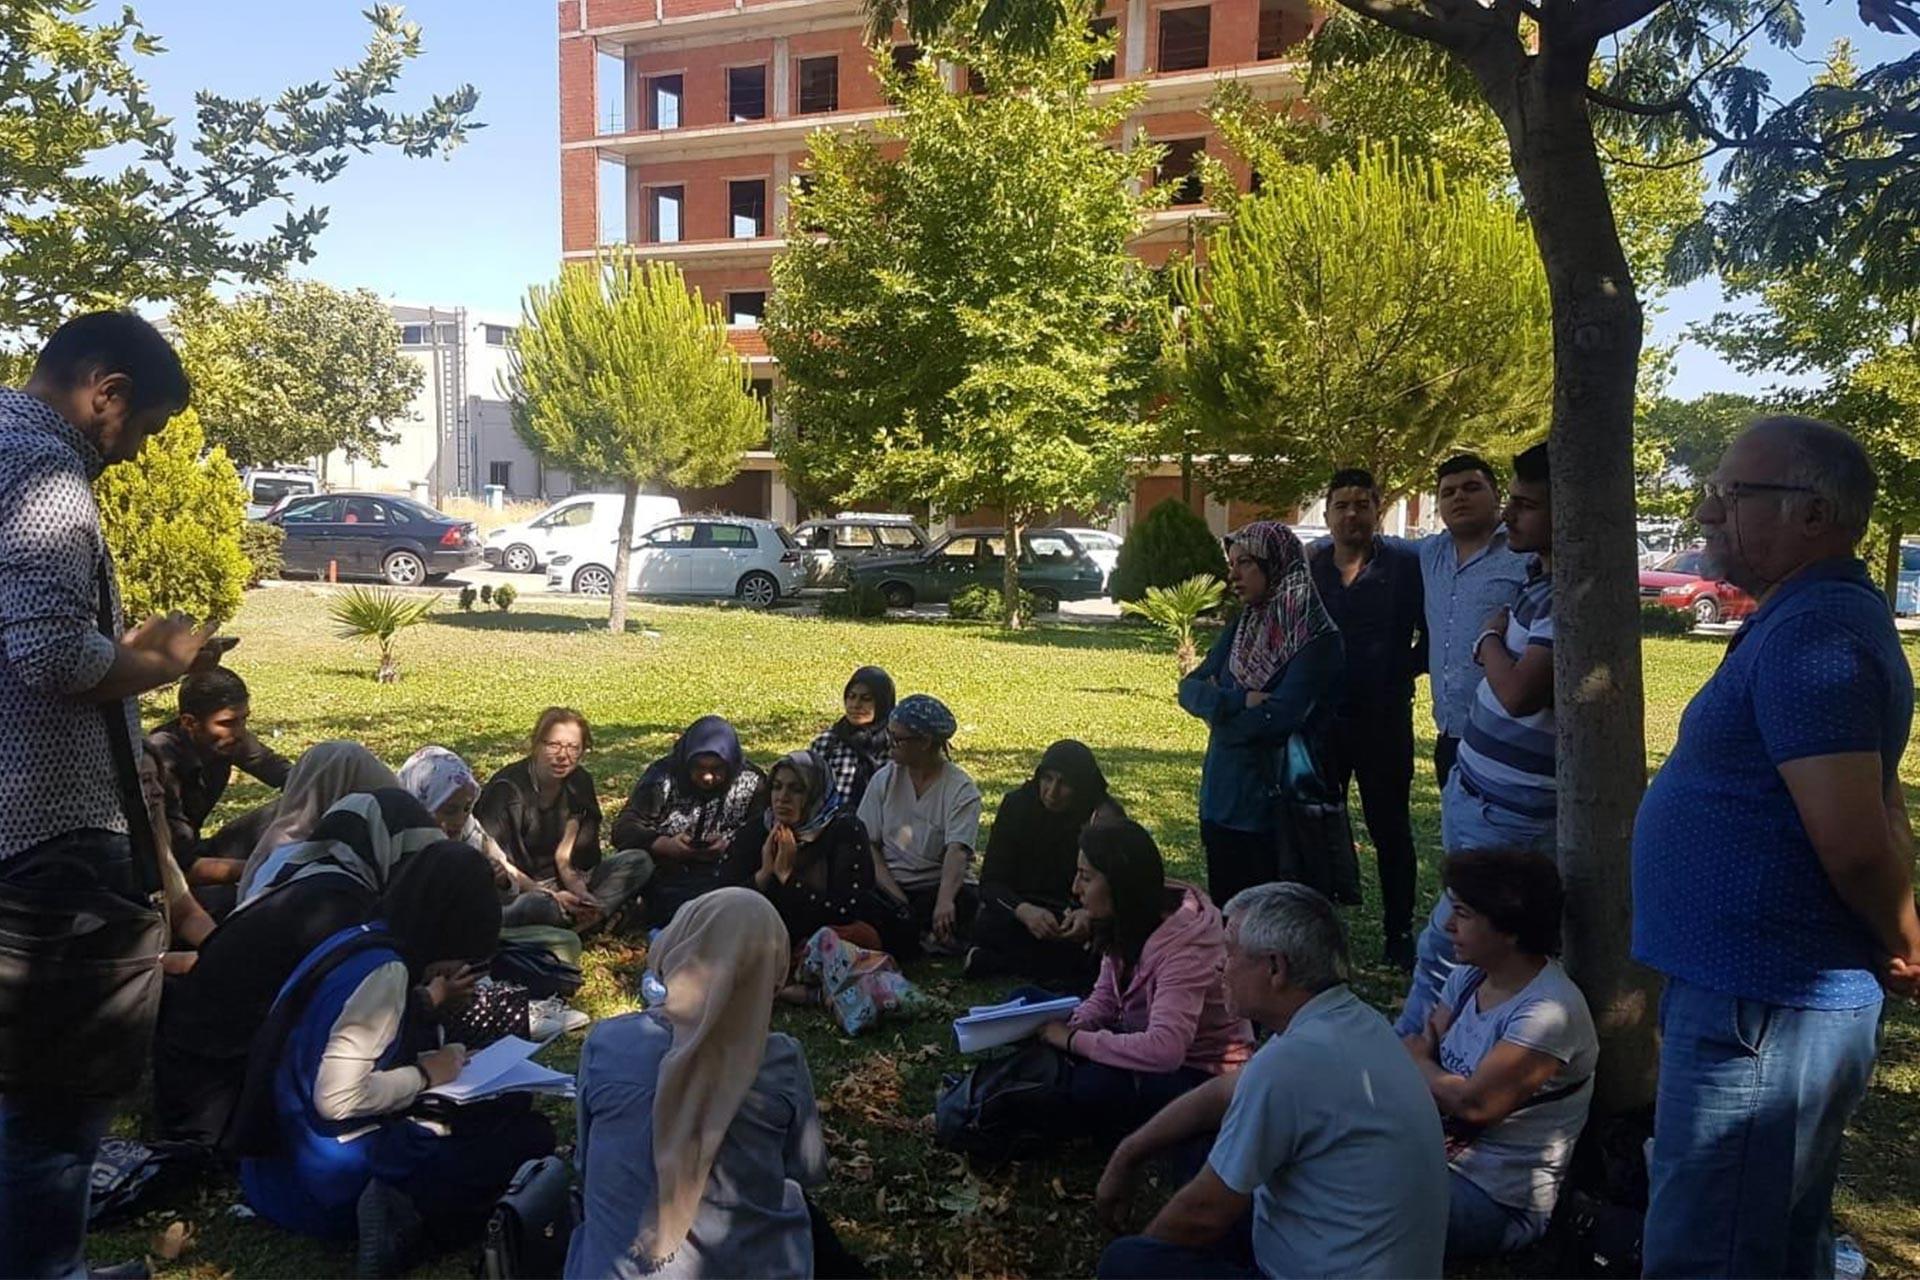 Hafsa Sultan Hastanesinde işten atılan işçiler hukuki süreç başlatacak